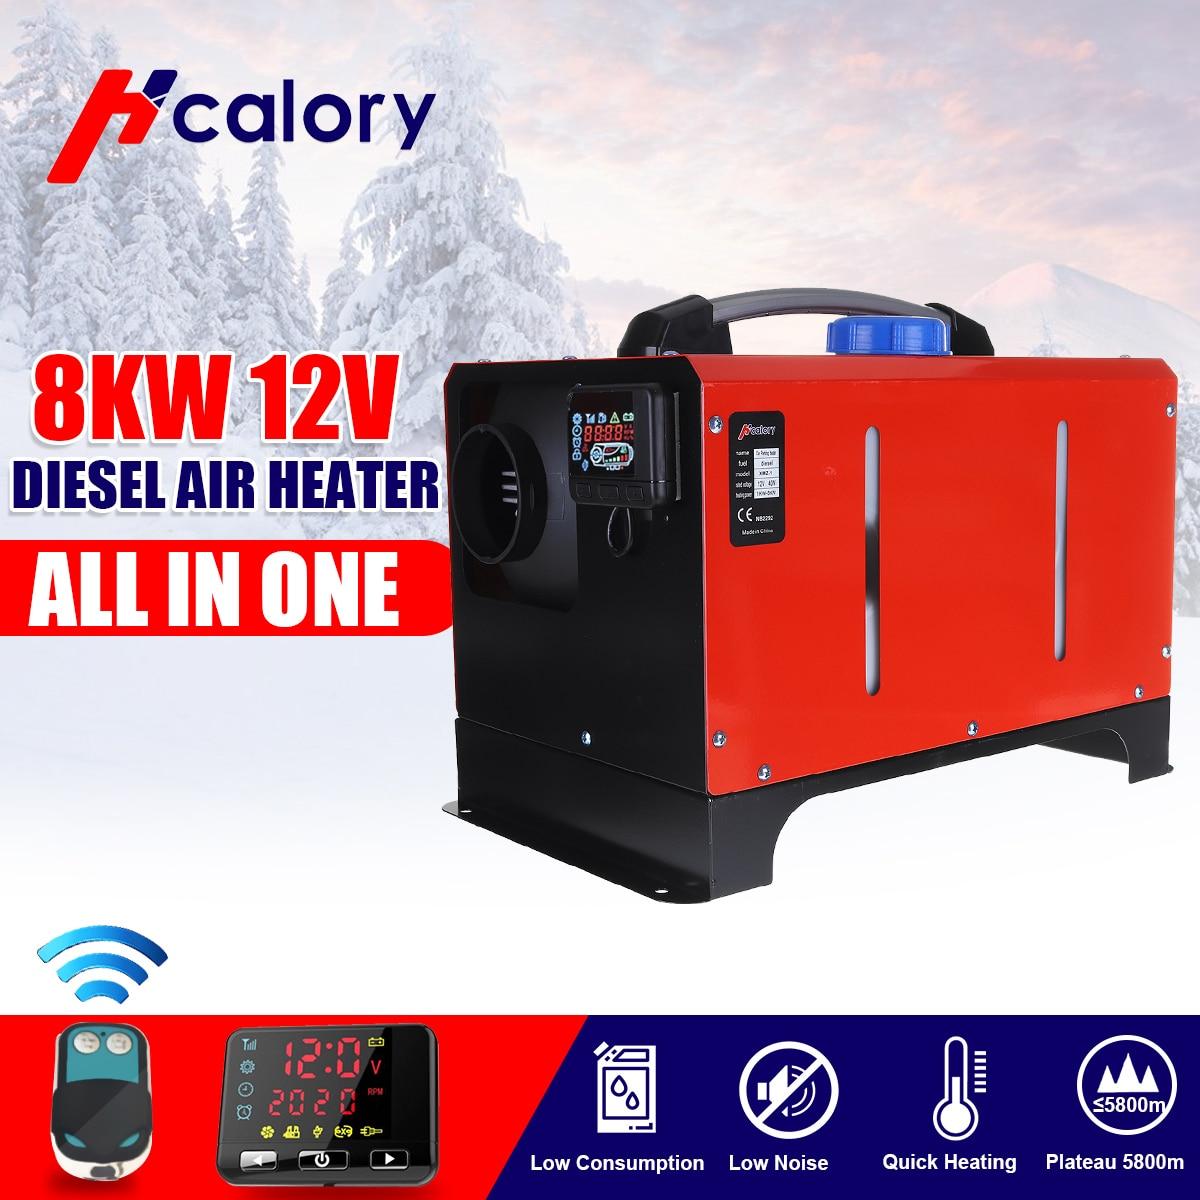 Tout en un unité 1-8KW 12/24V voiture chauffage outil Diesel réchauffeur d'air monotrou LCD moniteur Parking plus chaud pour voiture camion Bus bateau RV